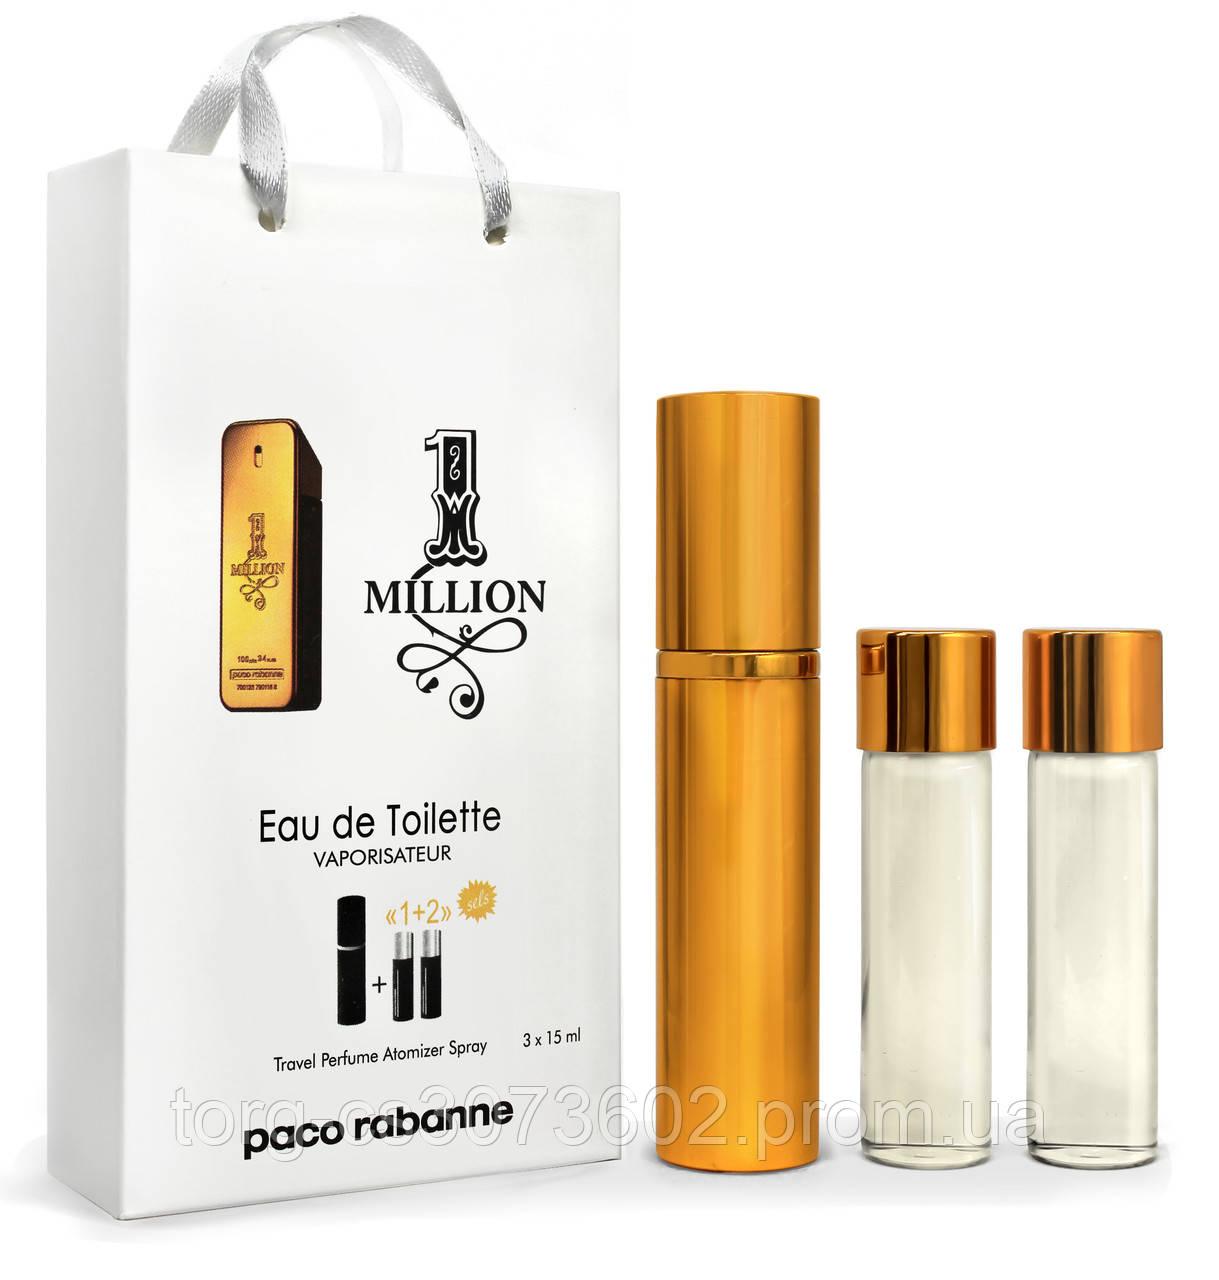 Міні-чоловічий парфум Paco Rabanne 1 Million, 3х15 мл